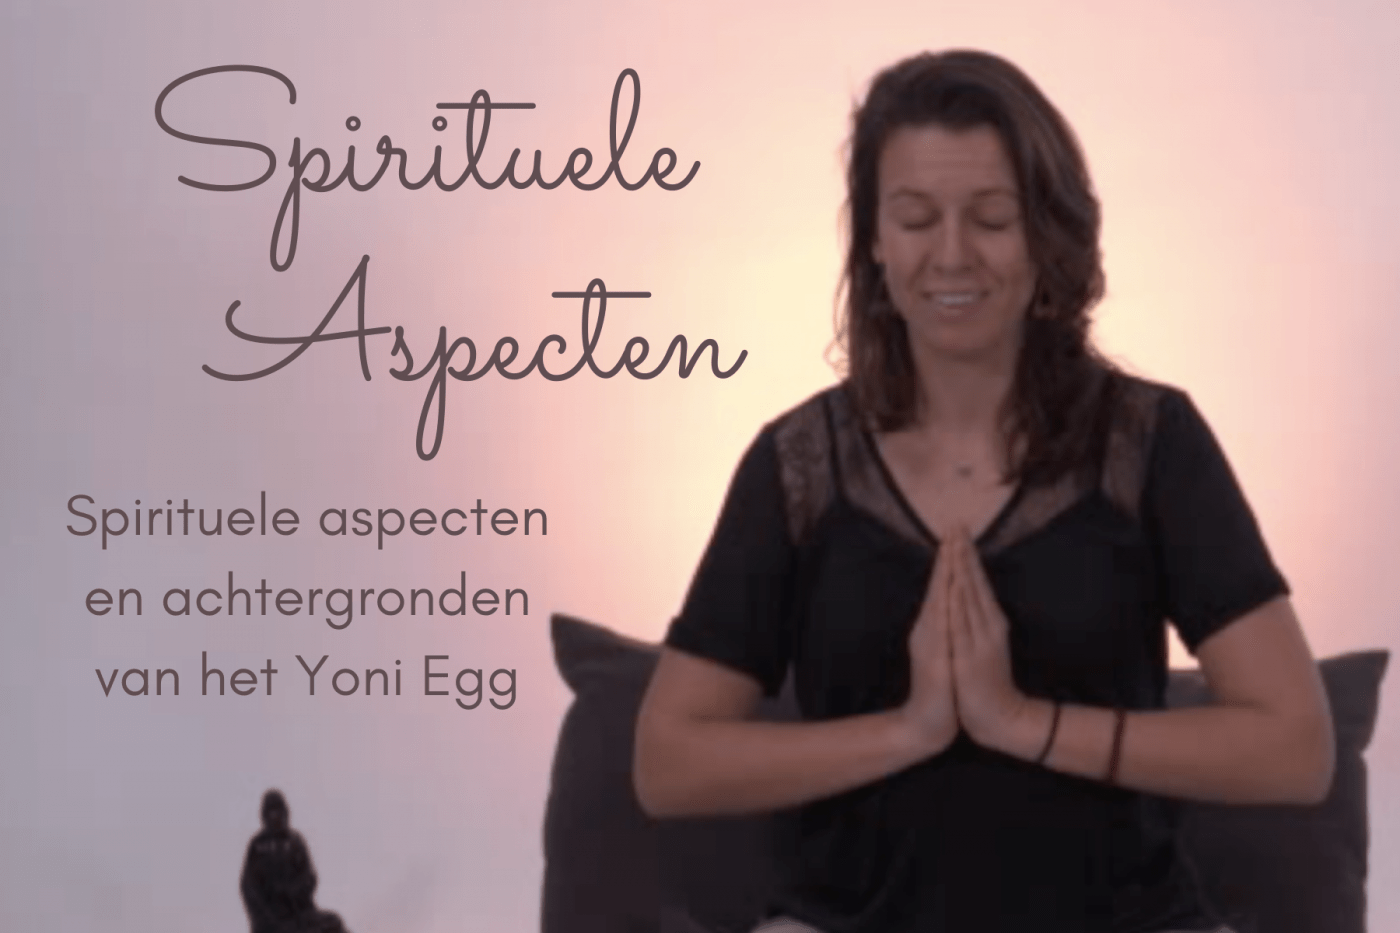 Spirituele aspecten